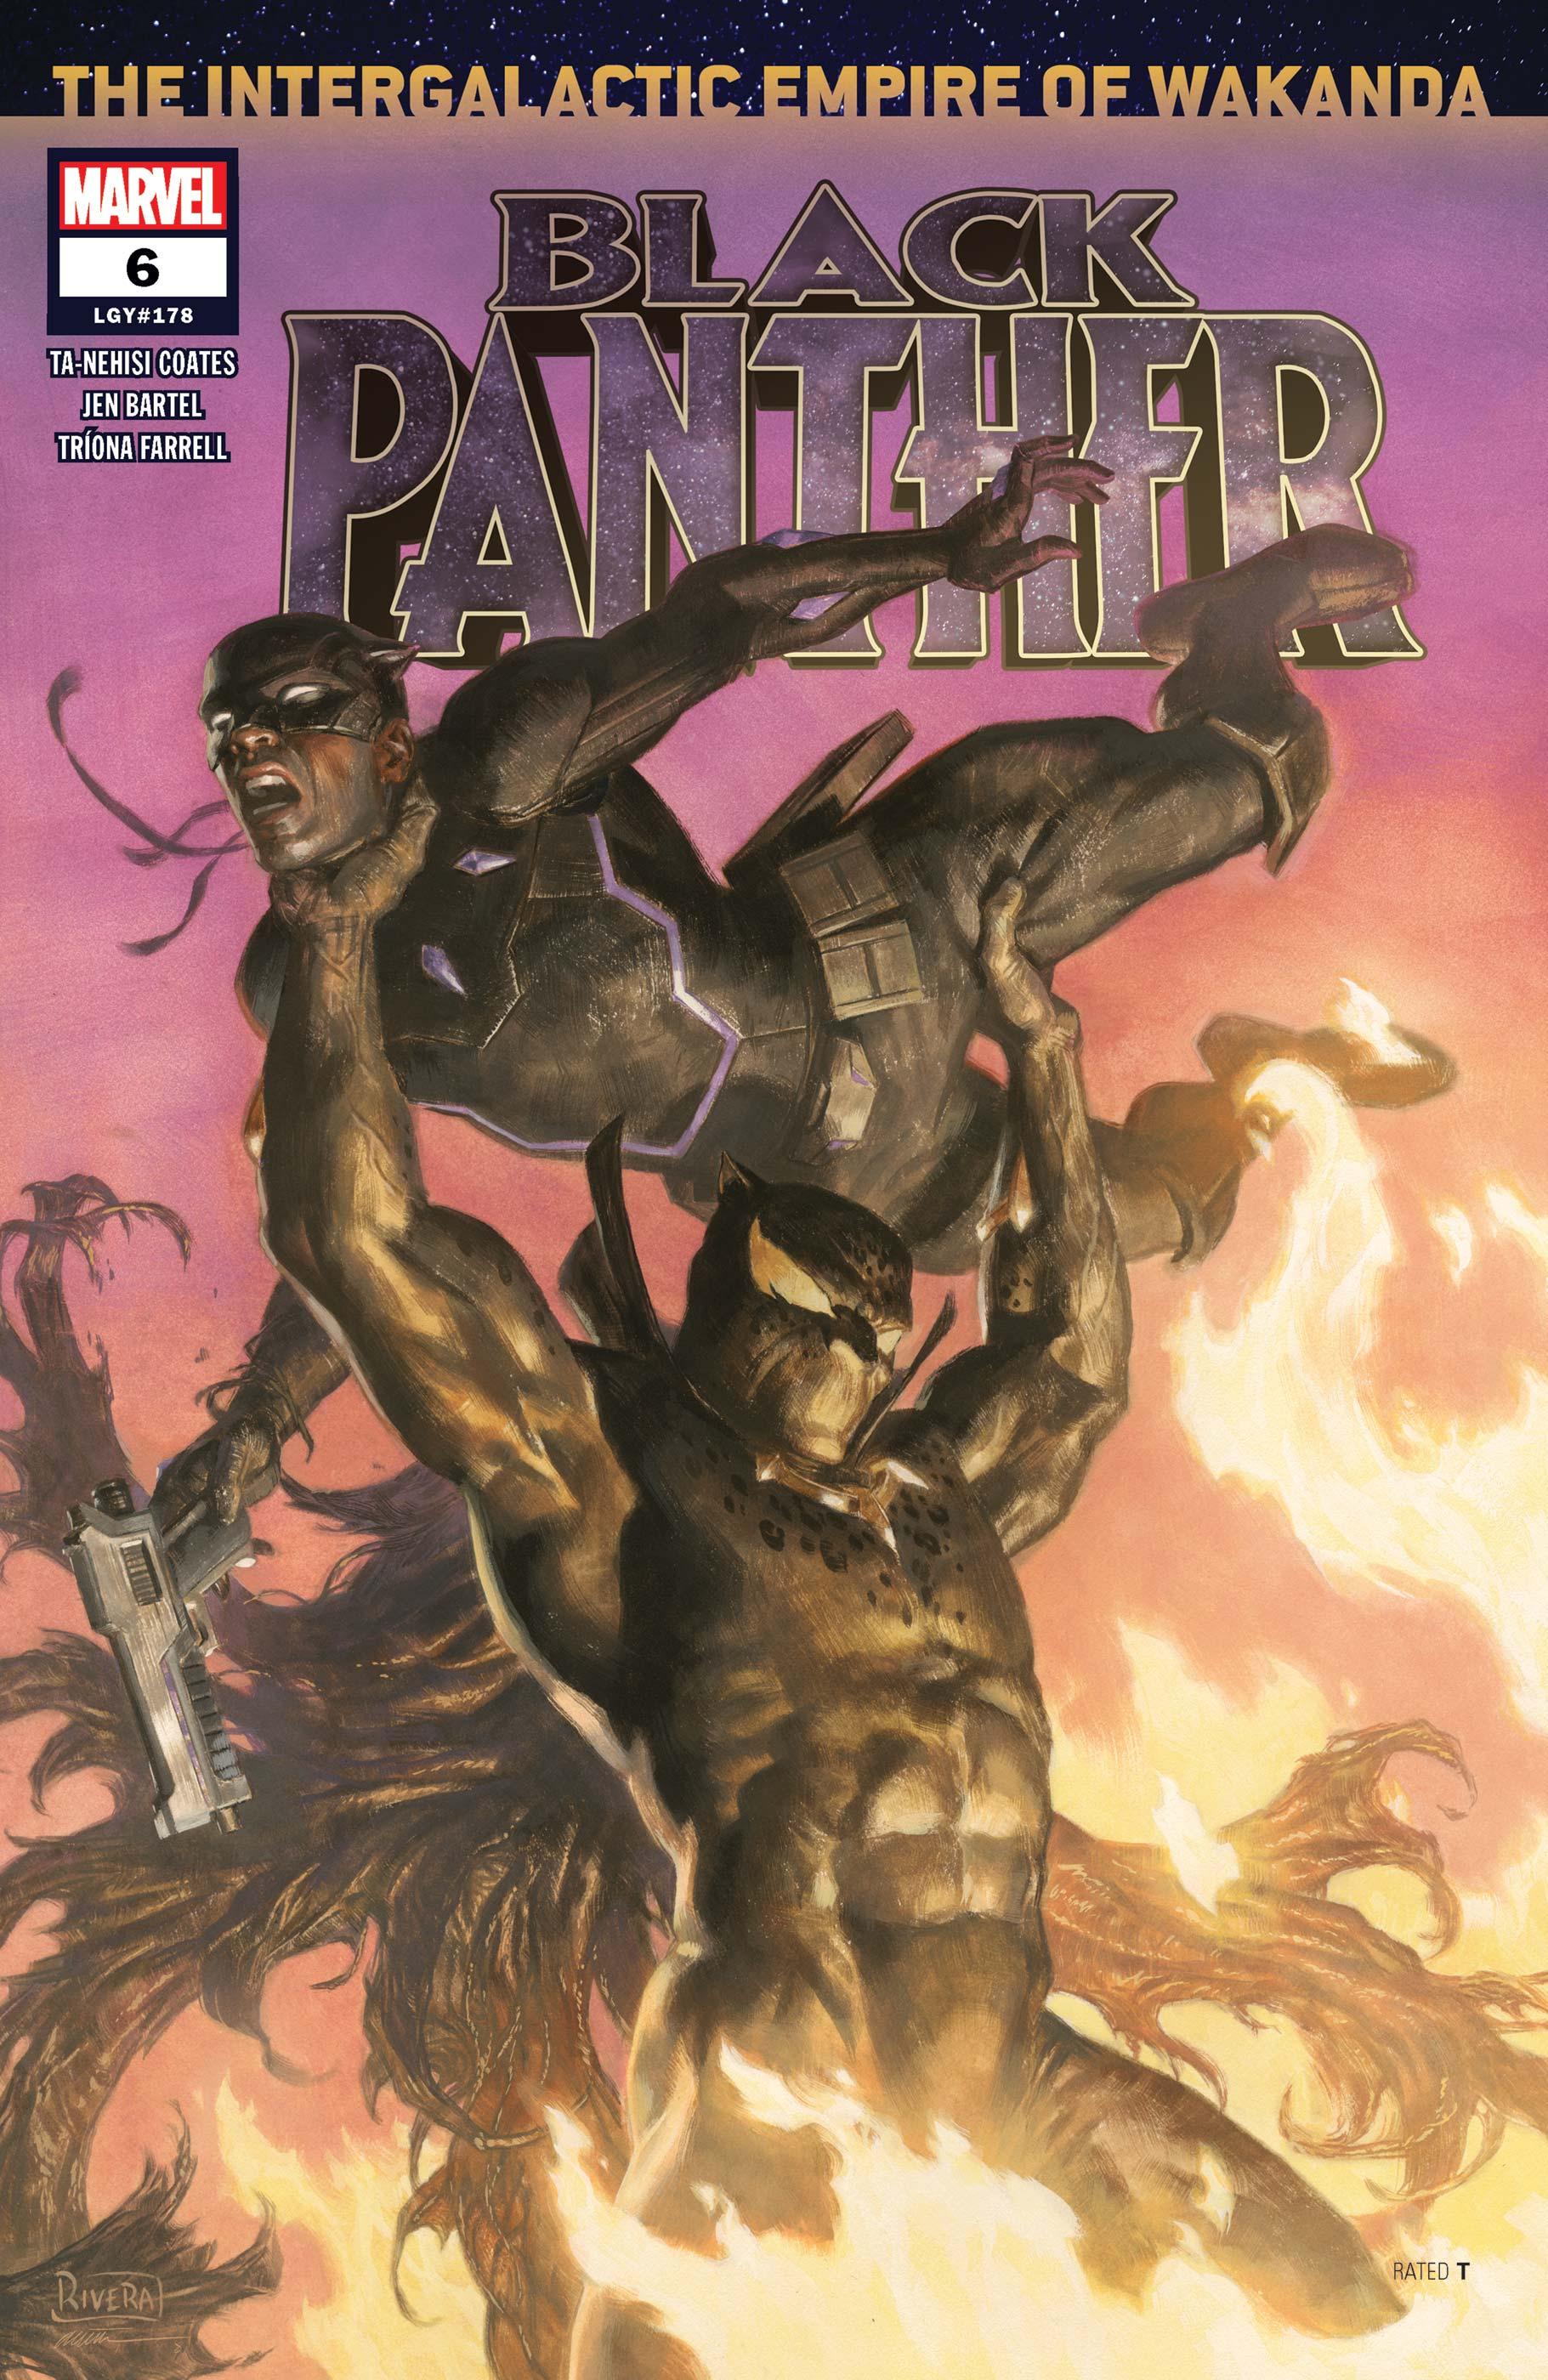 Black Panther (2018) #6